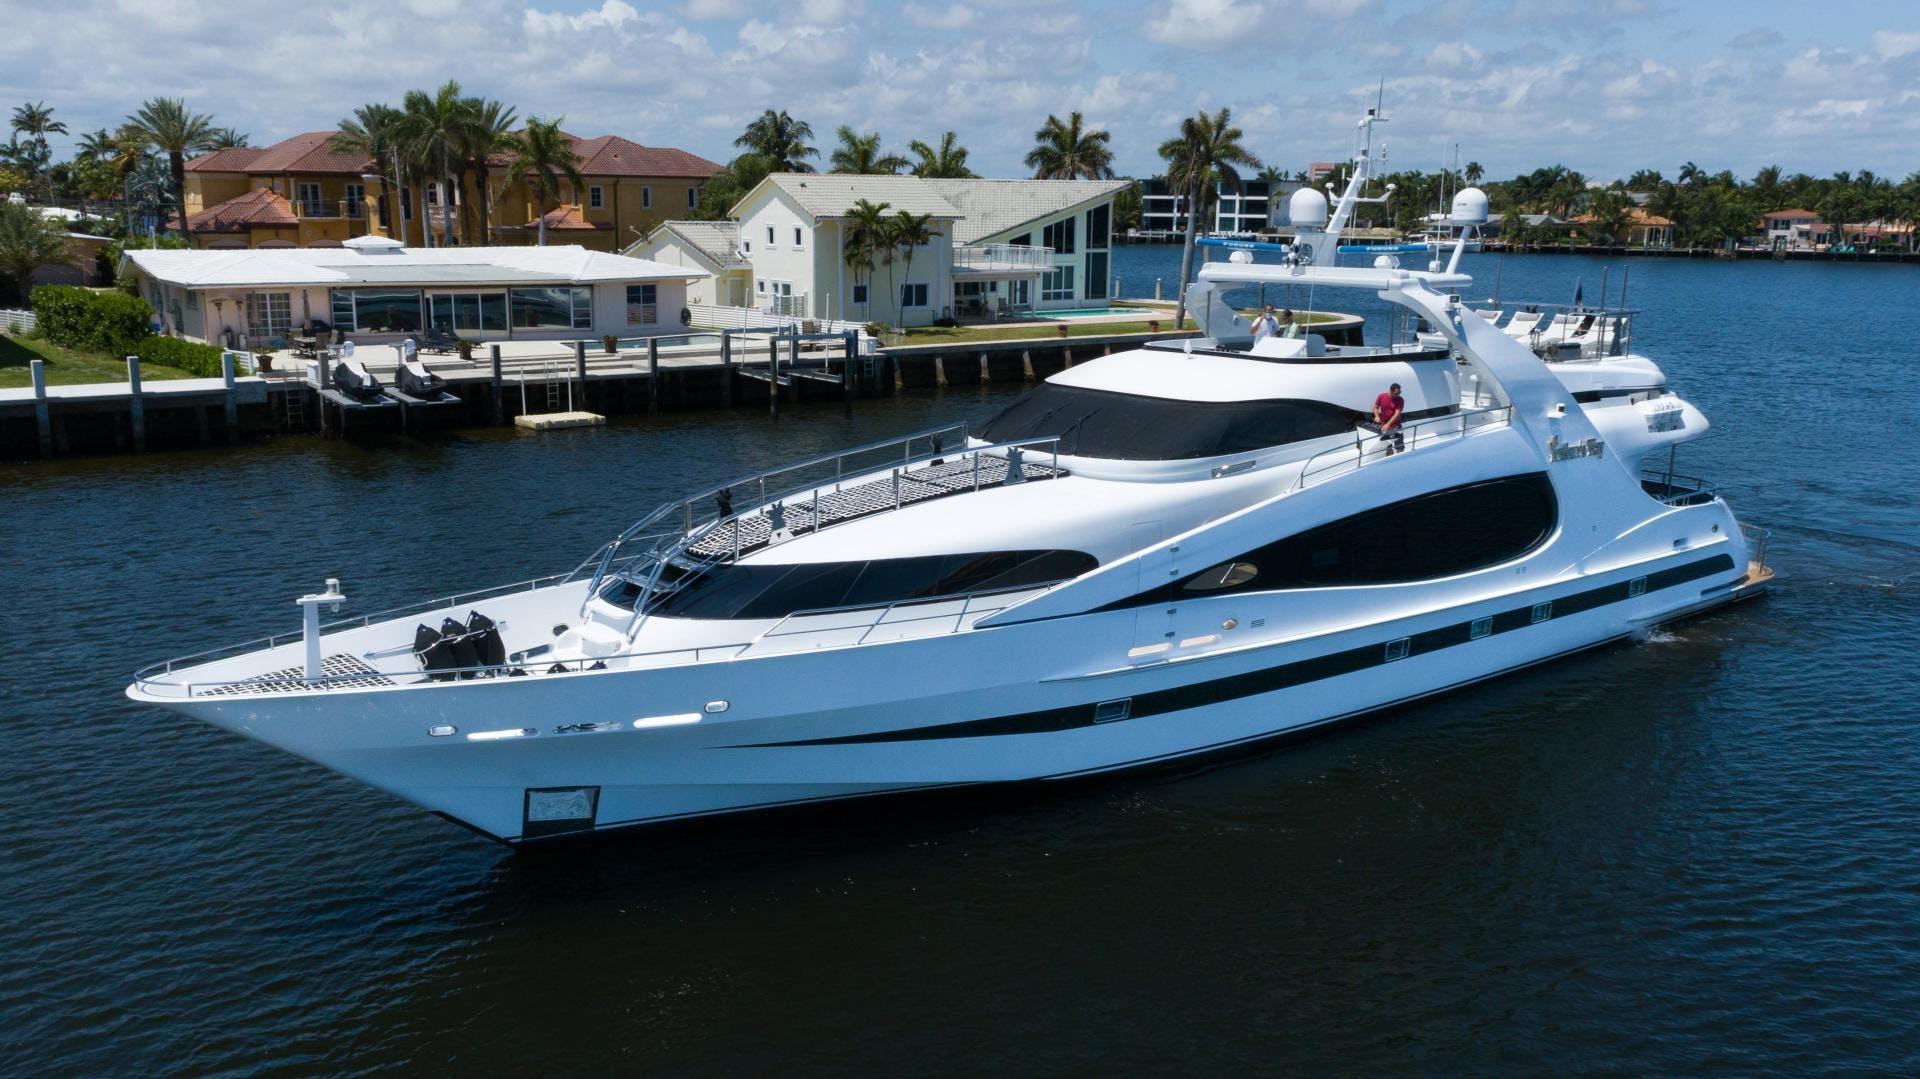 2003 Millennium Super Yachts 118' Raised Pilothouse Arthur's Way | Picture 2 of 54